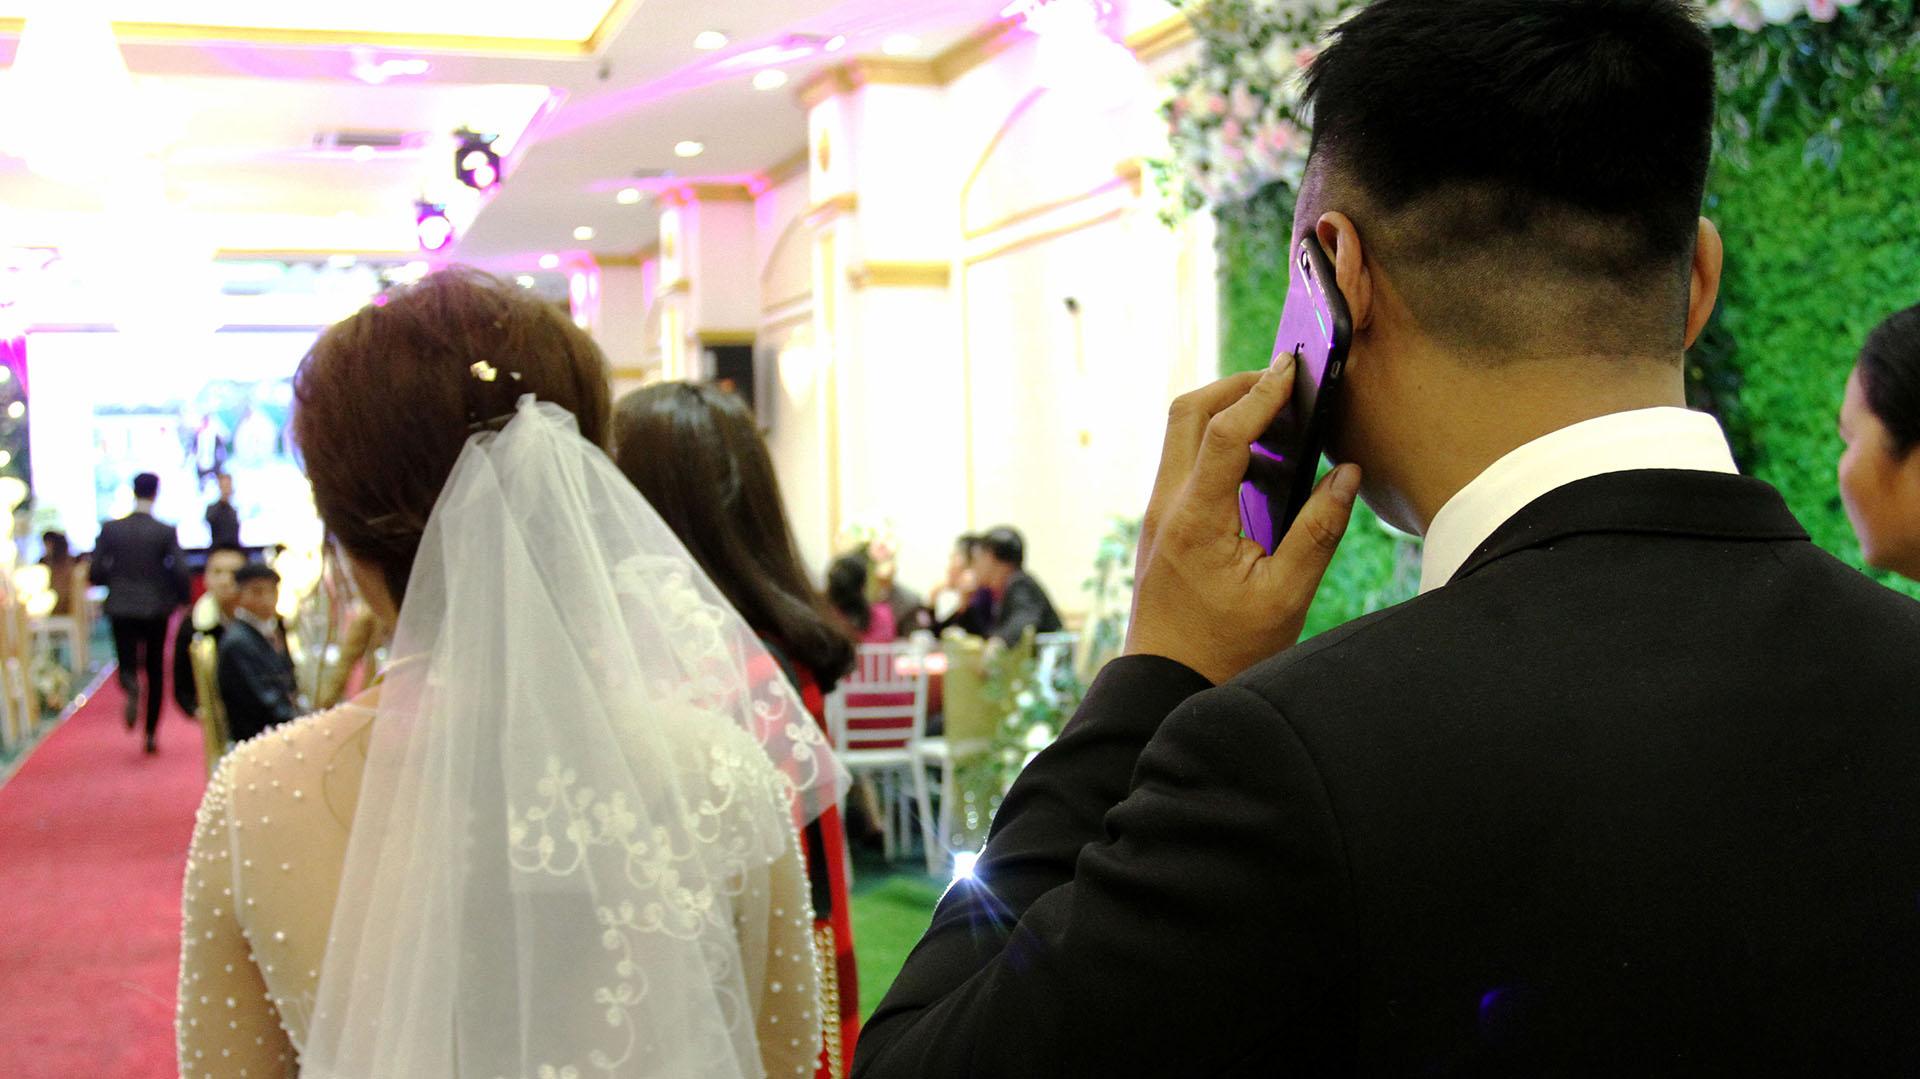 Este casamiento falso, con actor incluido para representar al novio, costó 1400 dólares (AFP)